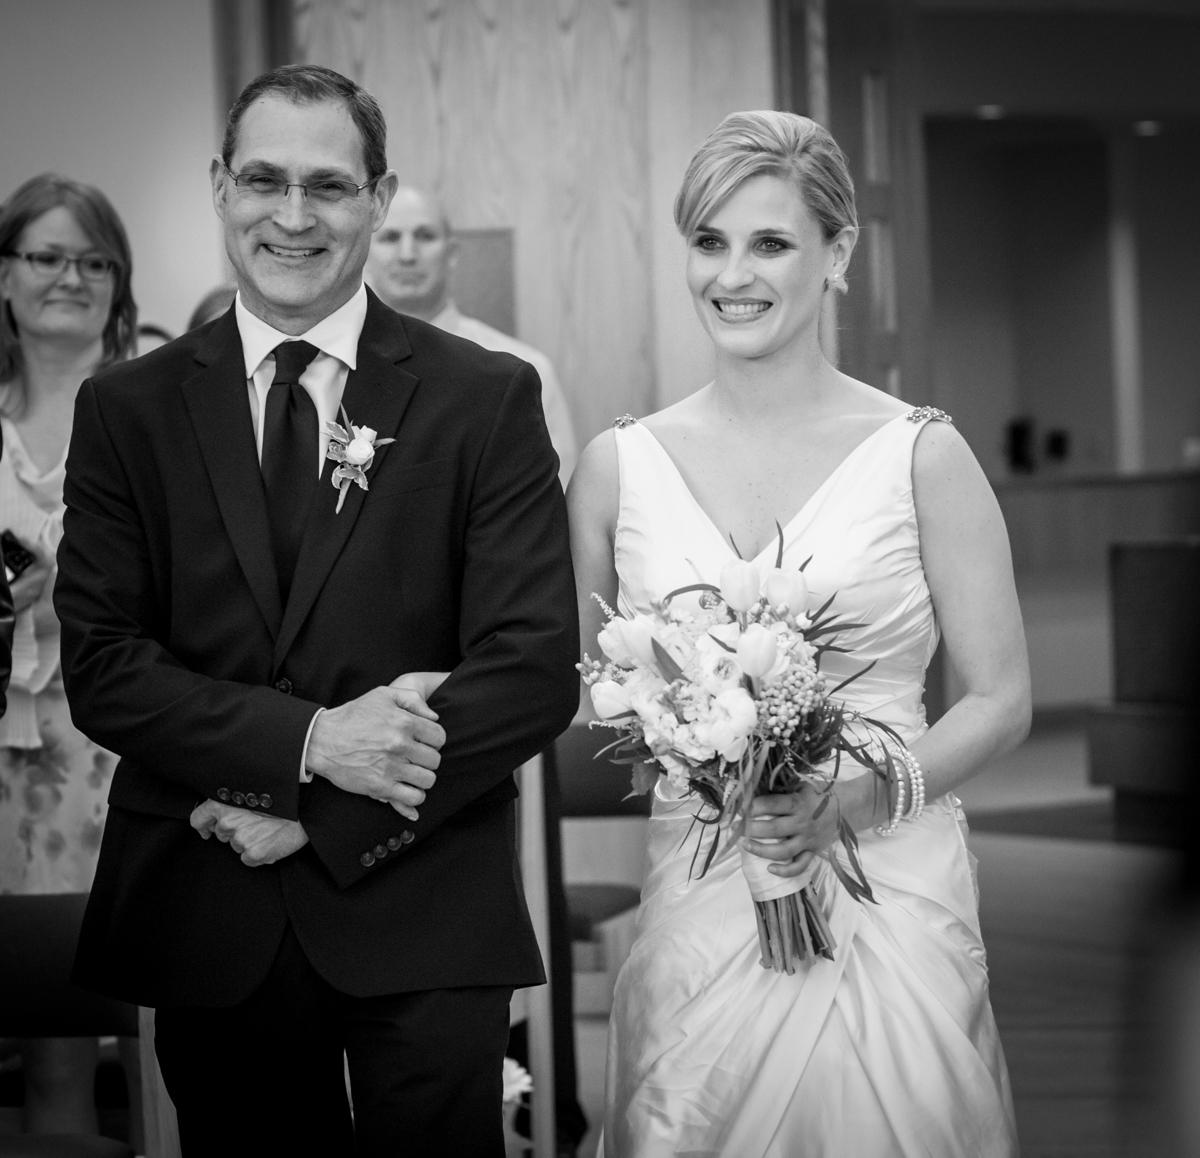 candid-wedding-photography-143